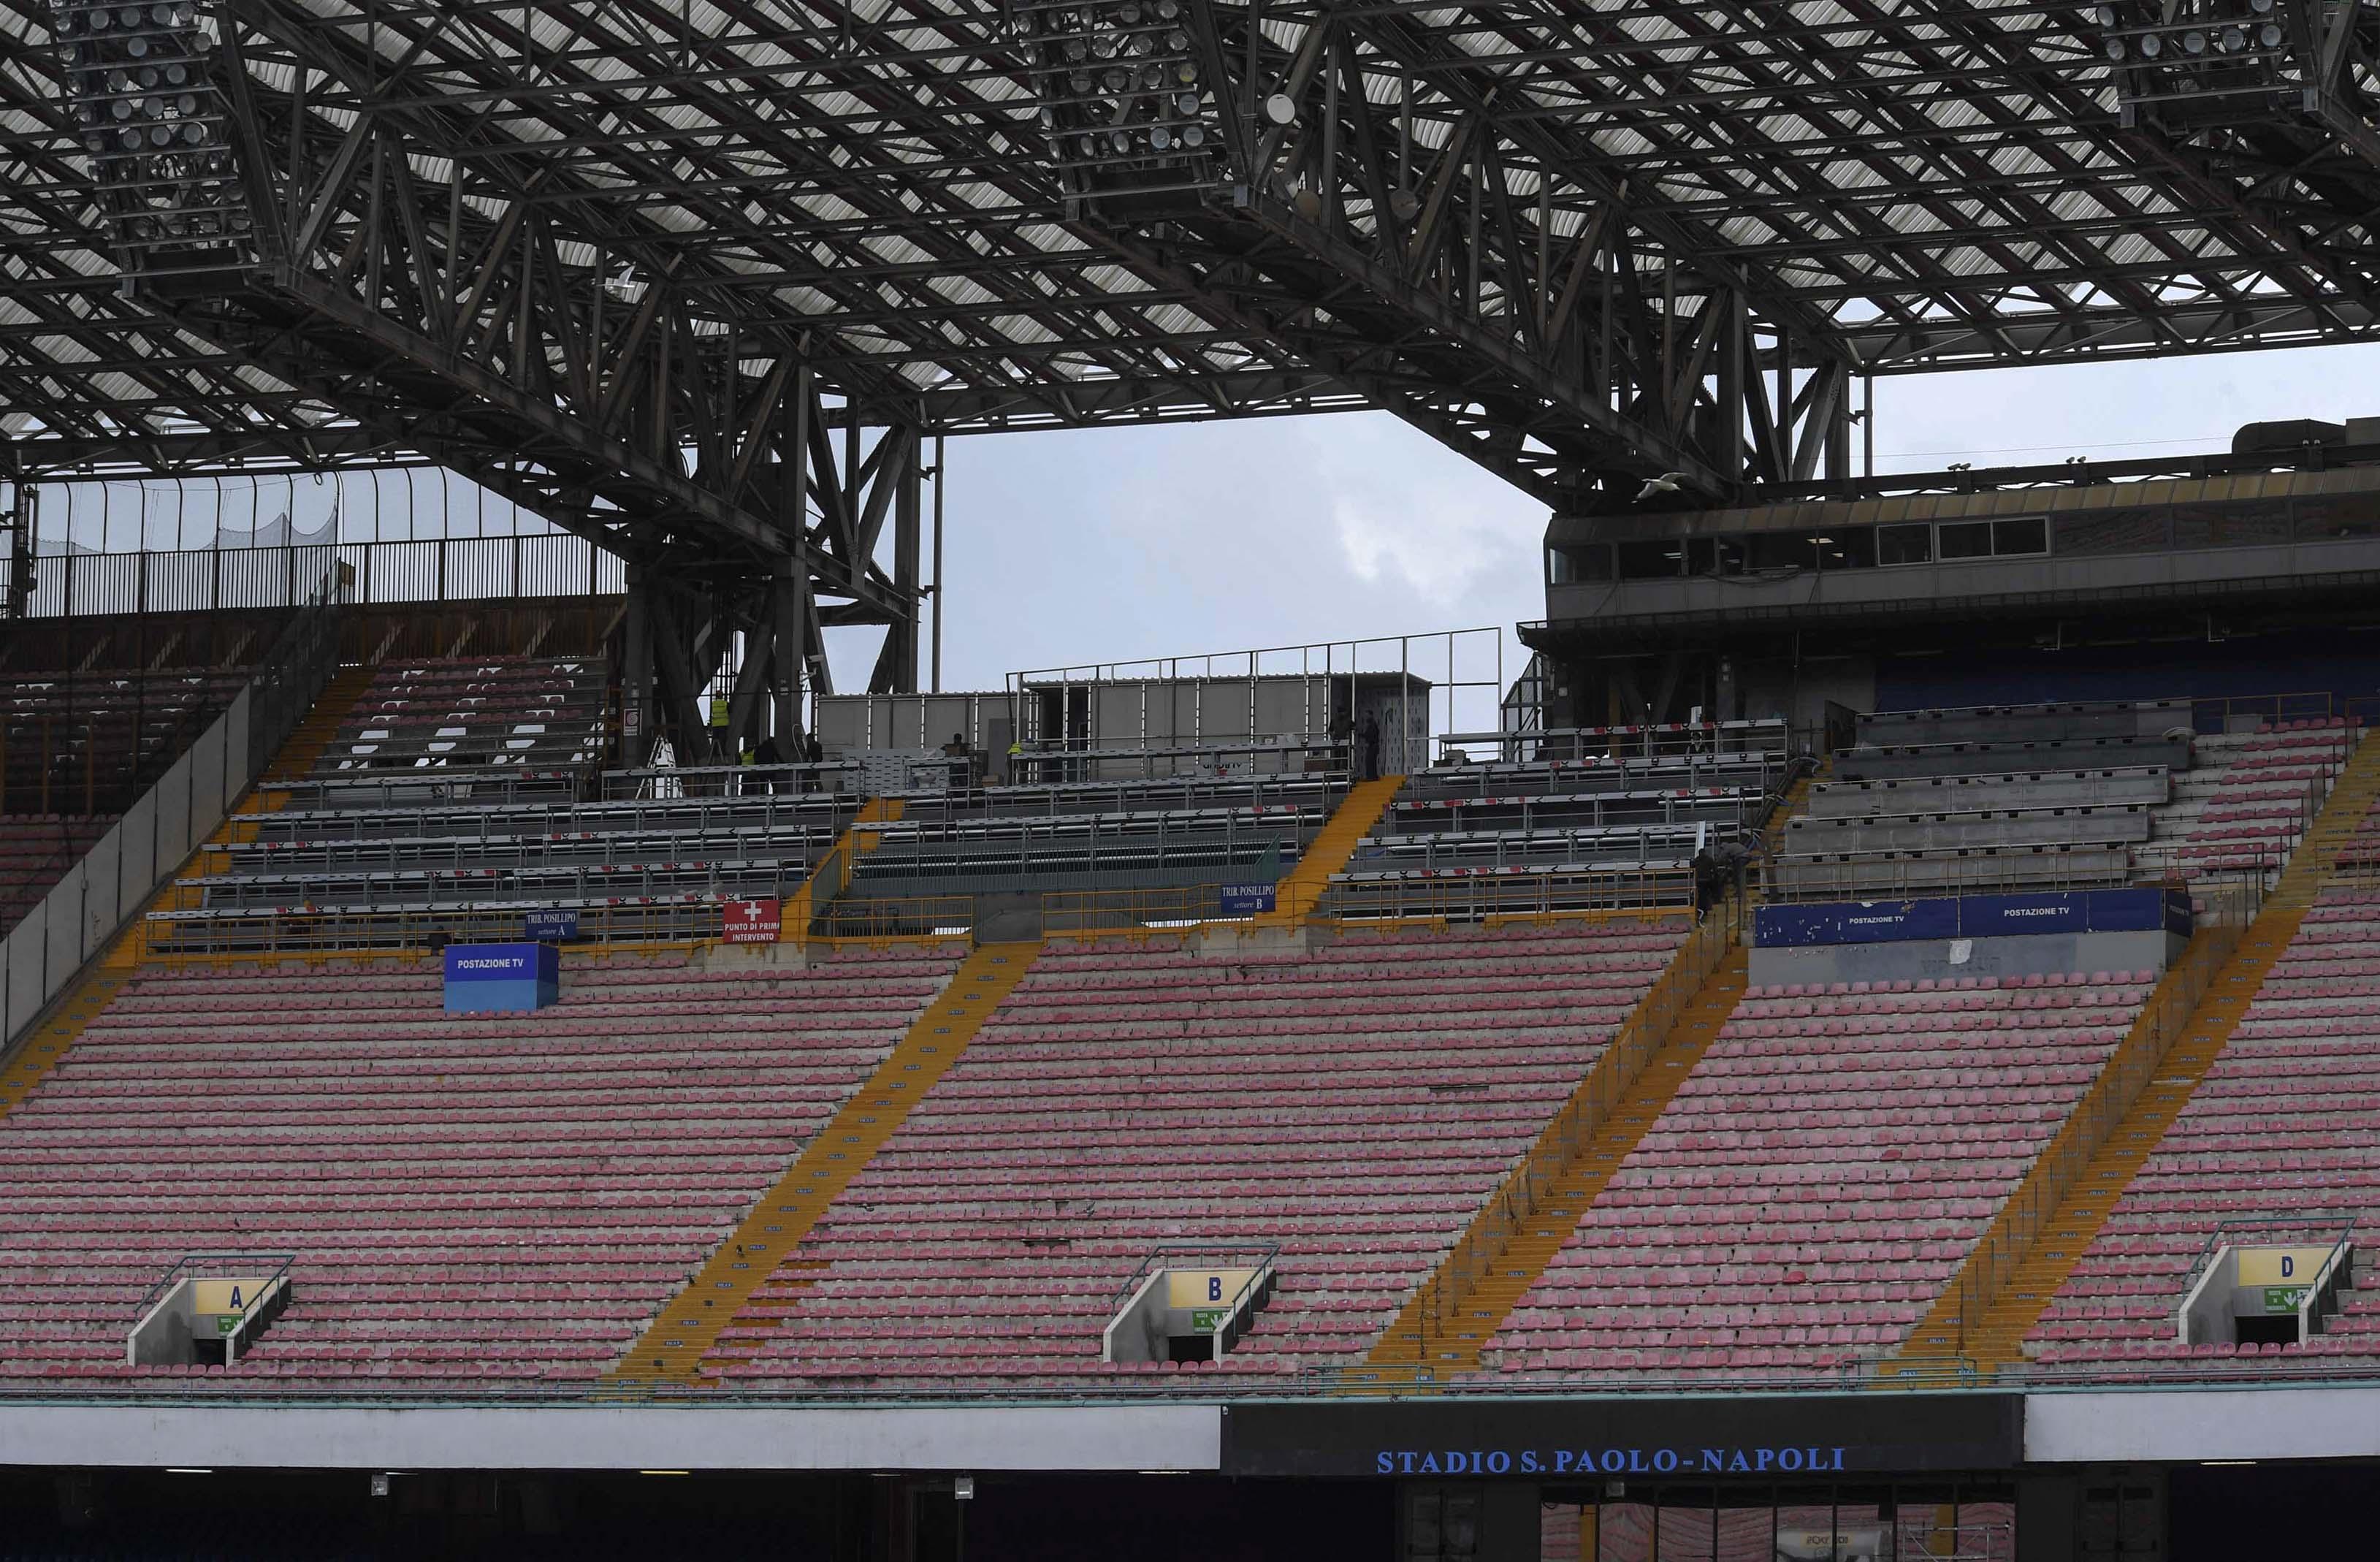 Stadio San Paolo, settori chiusi per i sediolini nuovi. Il Napoli attende per gli abbonamenti